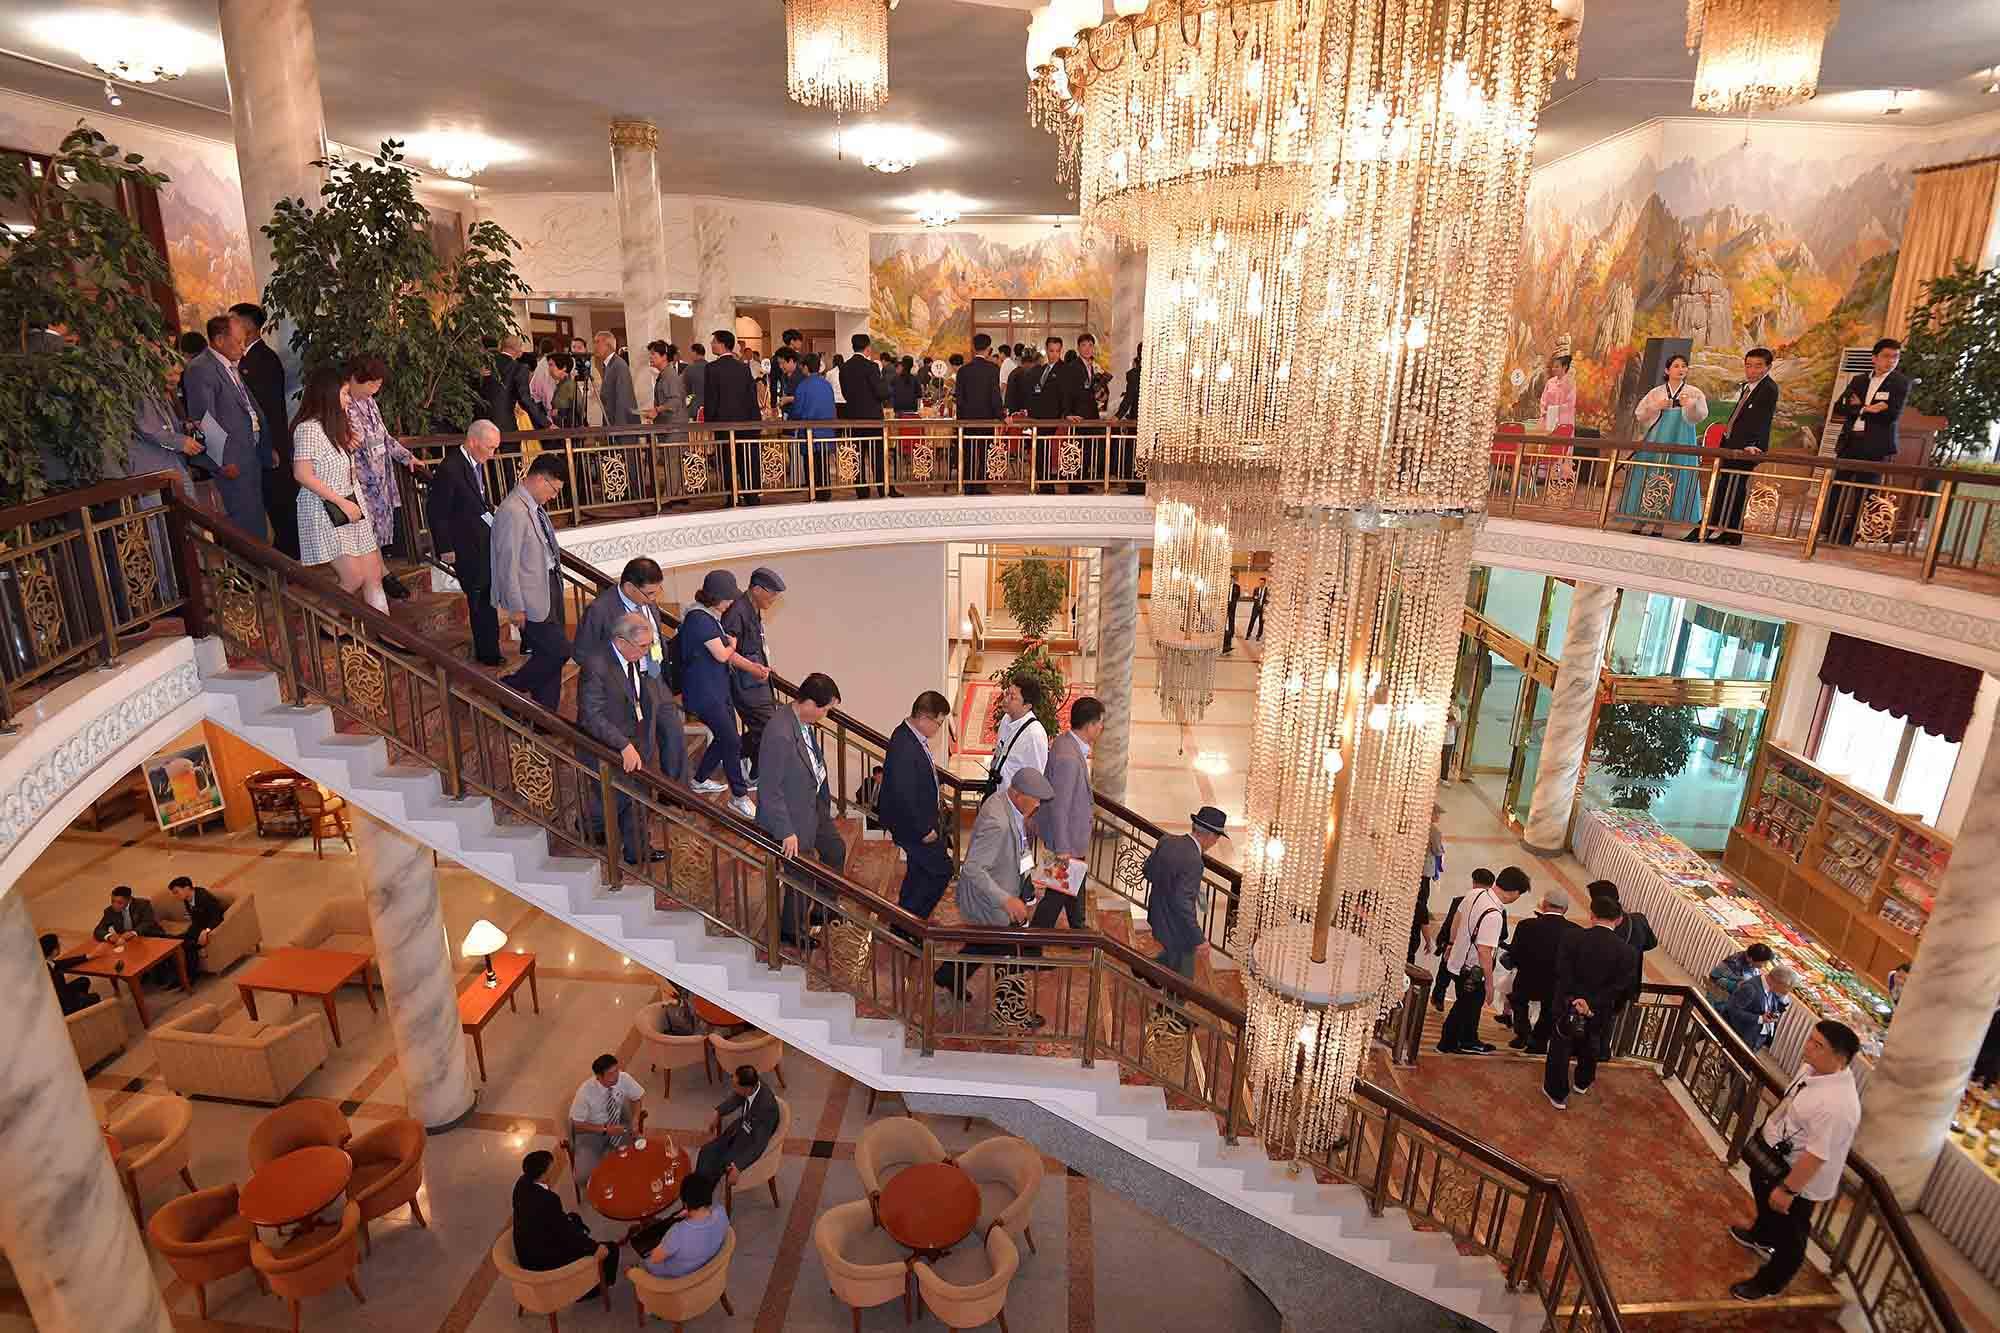 20일 금강산호텔에서 열린 제21차 남북 이산가족 단체상봉 행사를 마친 남측 상봉단이 숙소로 돌아가고 있다. 사진공동취재단